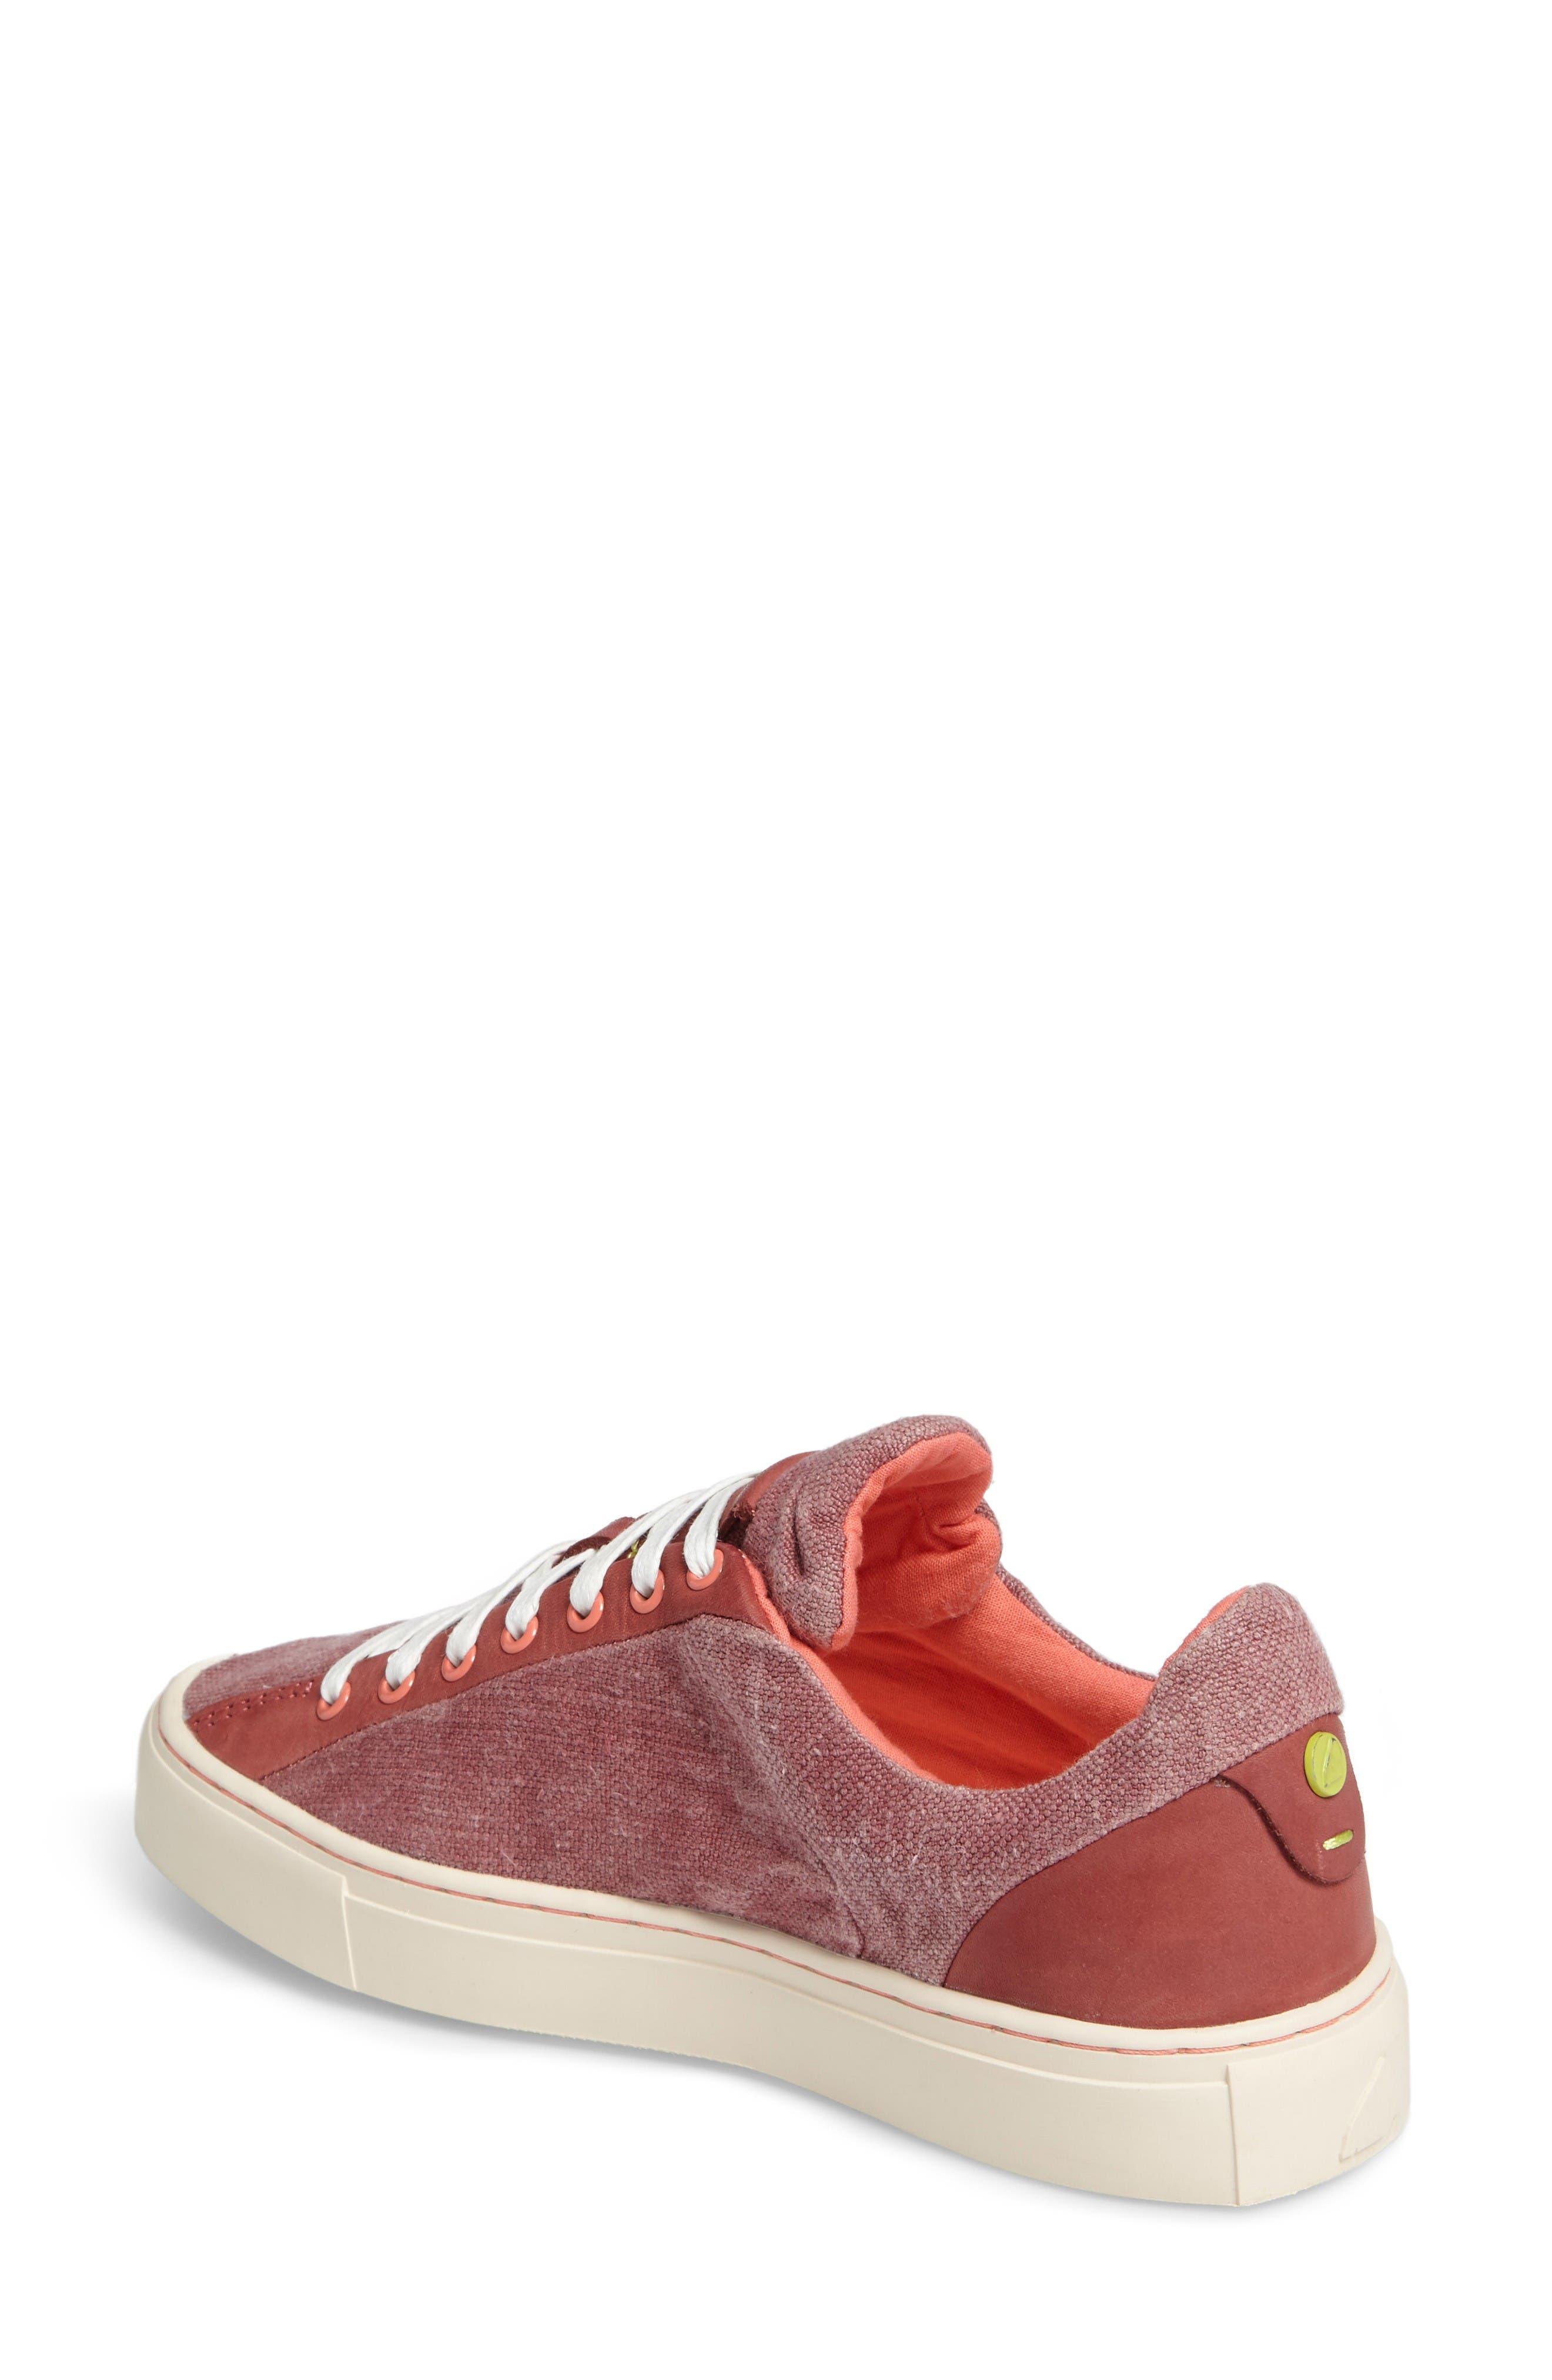 Somerville Sneaker,                             Alternate thumbnail 2, color,                             Sandalwood Fabric